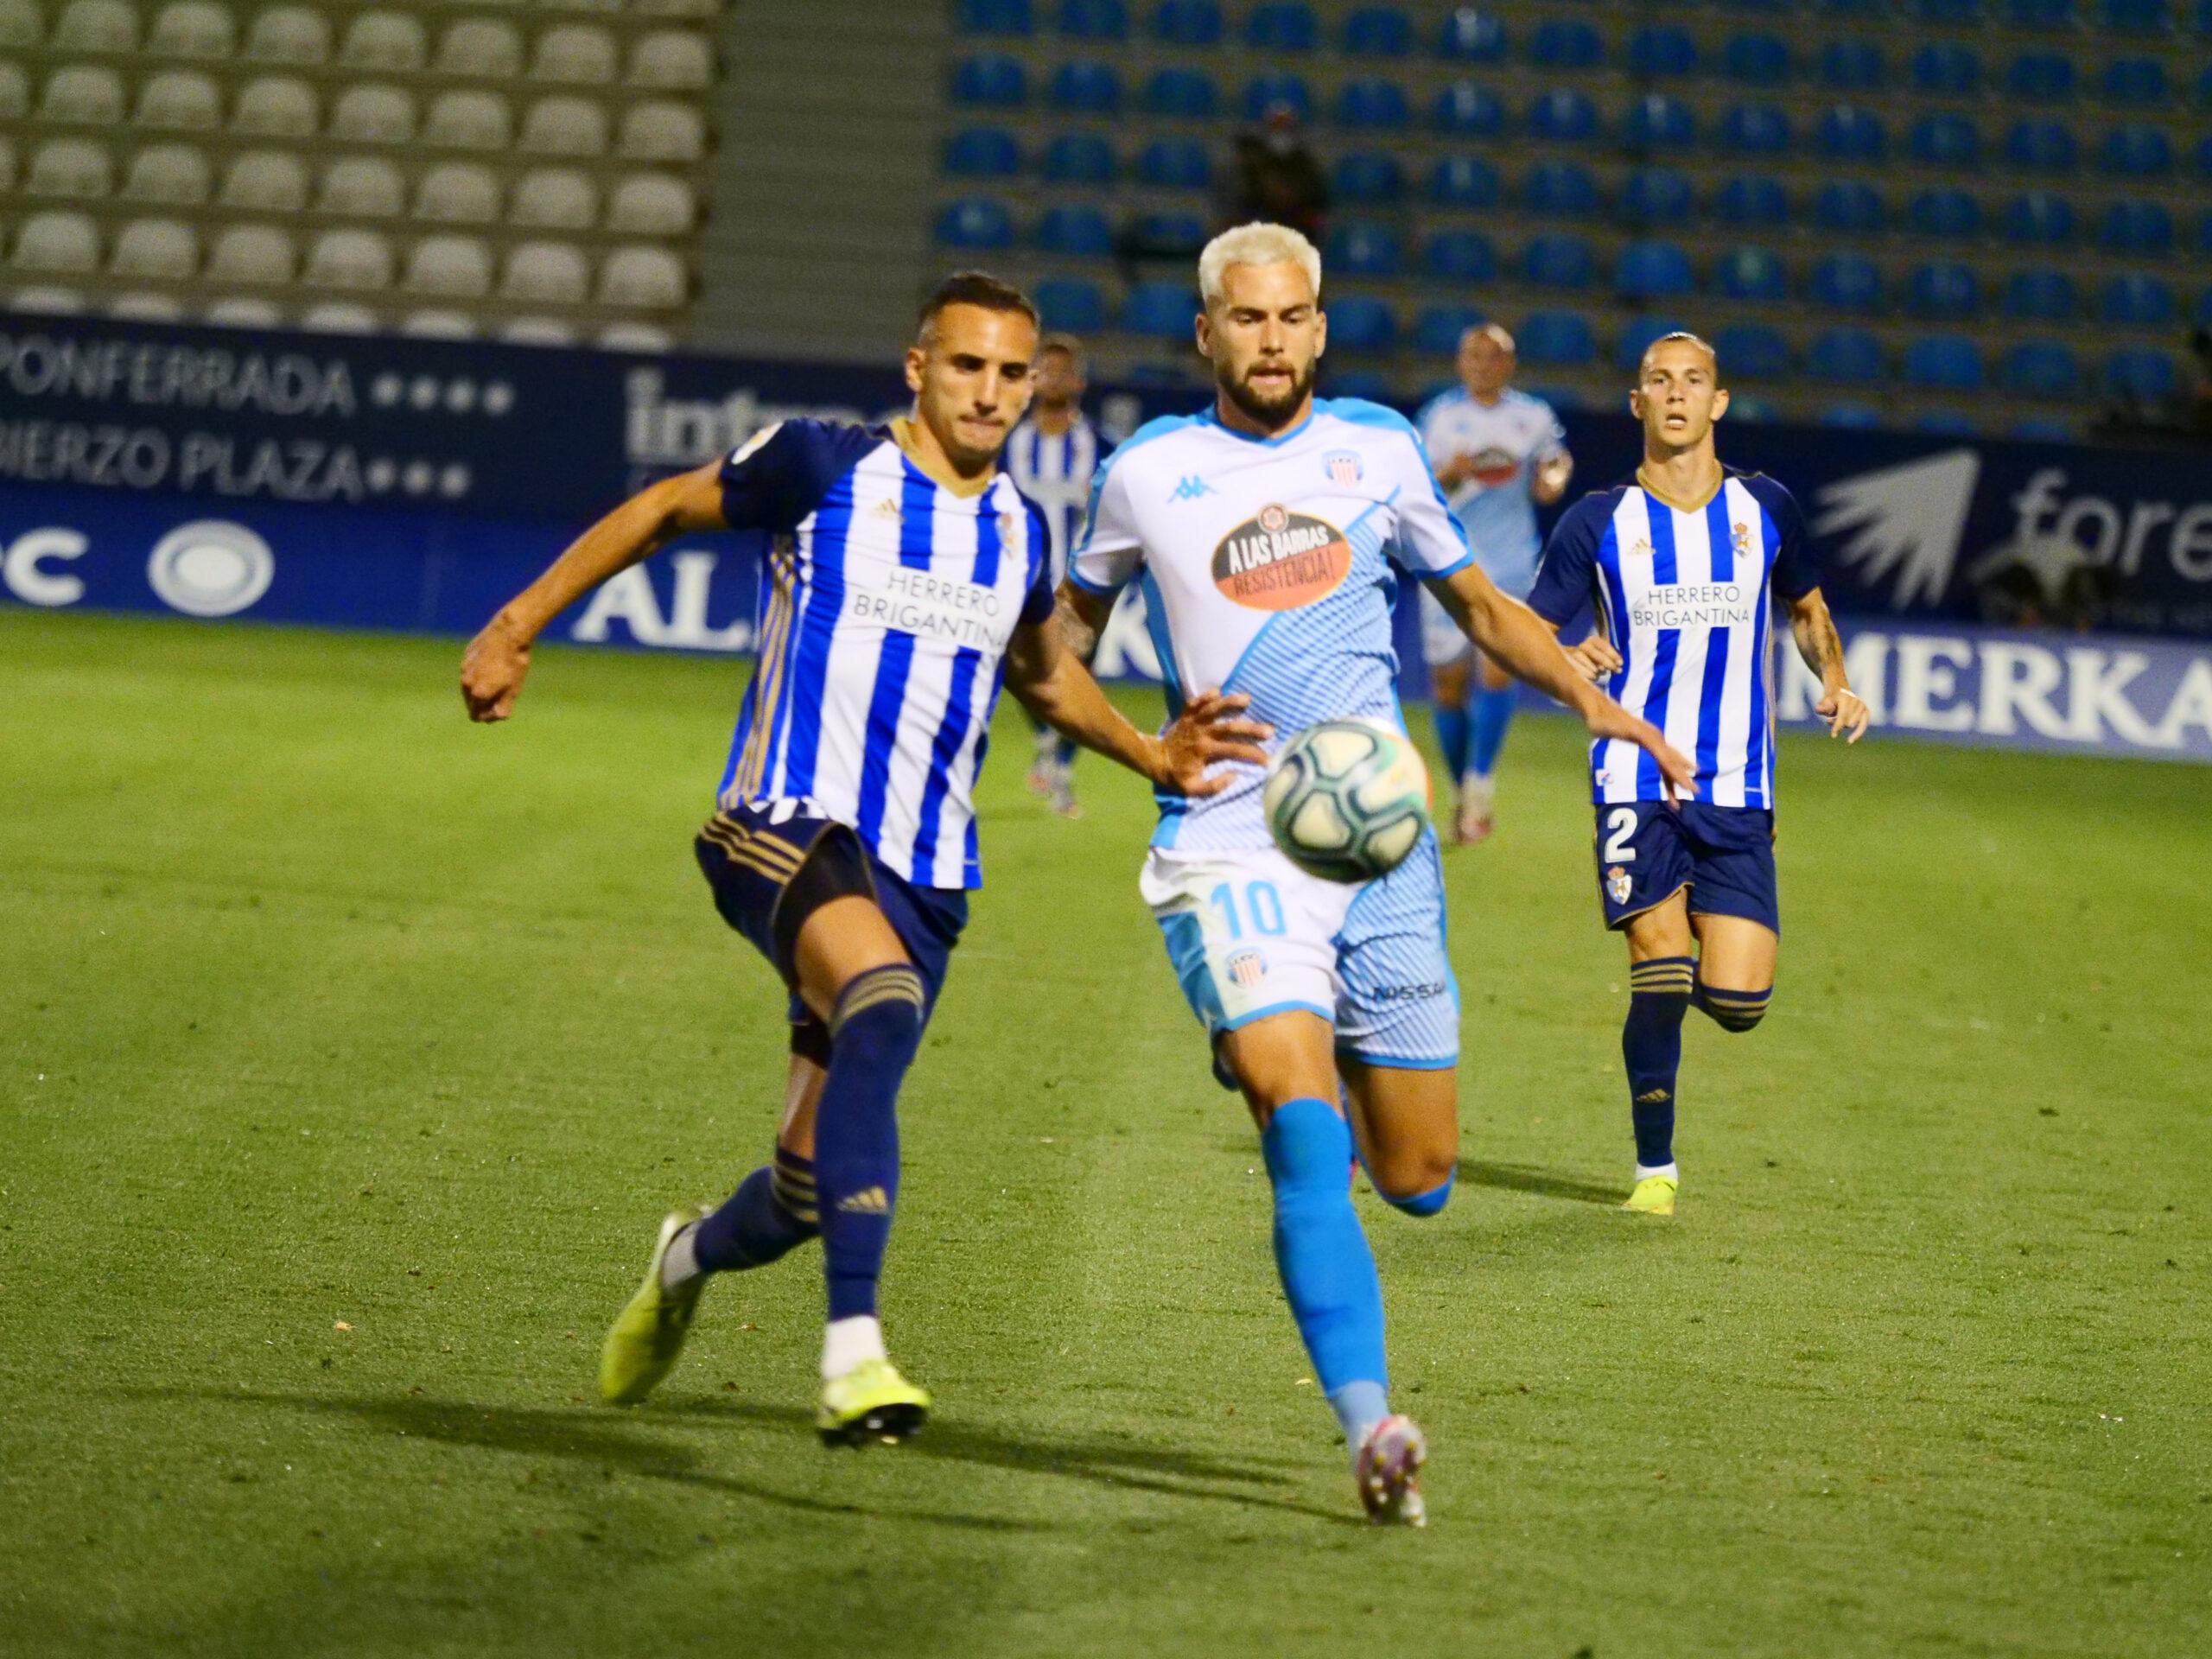 SD Ponferradina - CD Lugo. Las fotos del partido 30